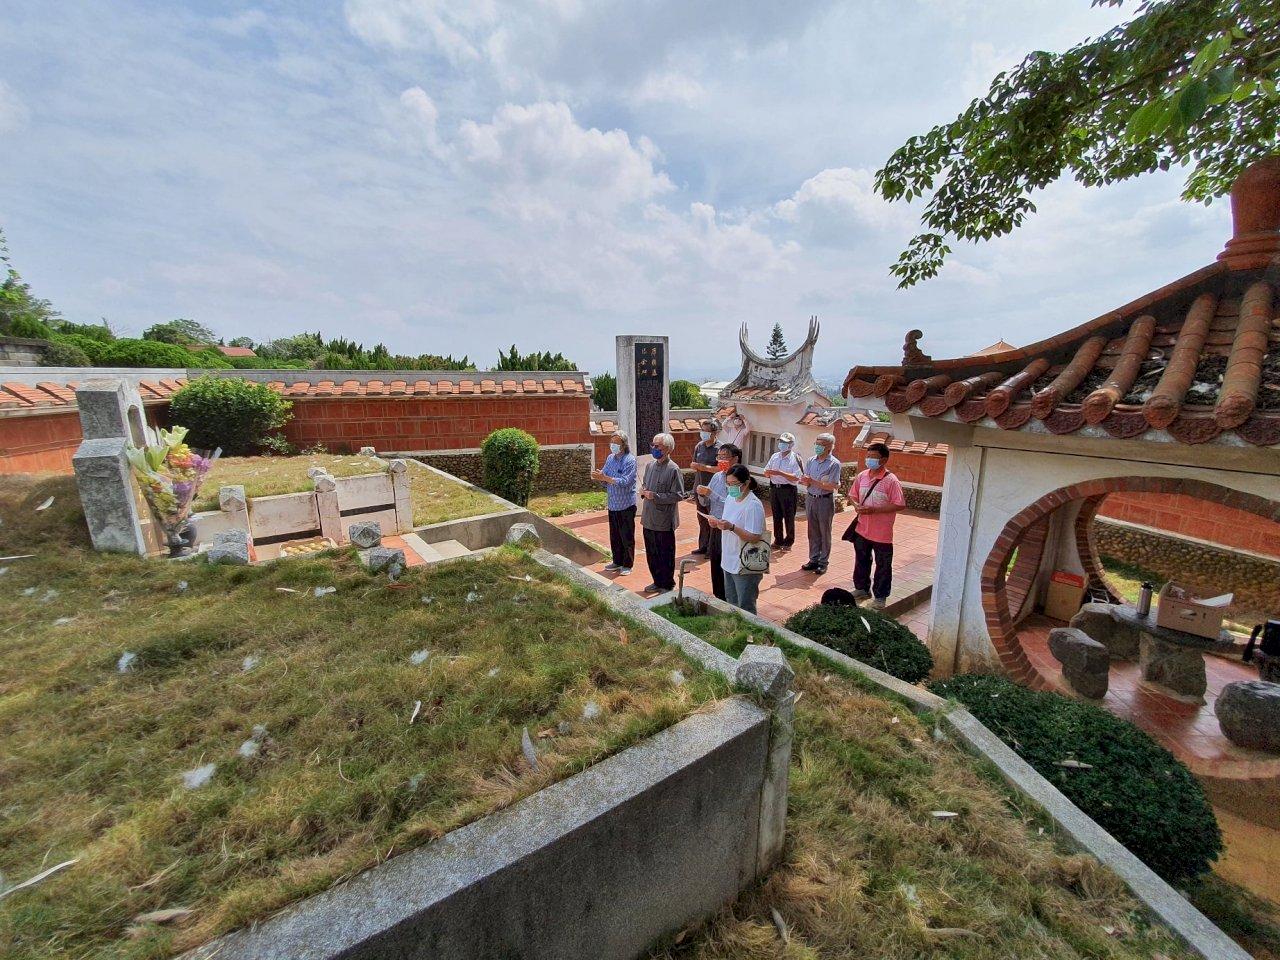 席德進逝世40週年  藝術家墓園修繕破土